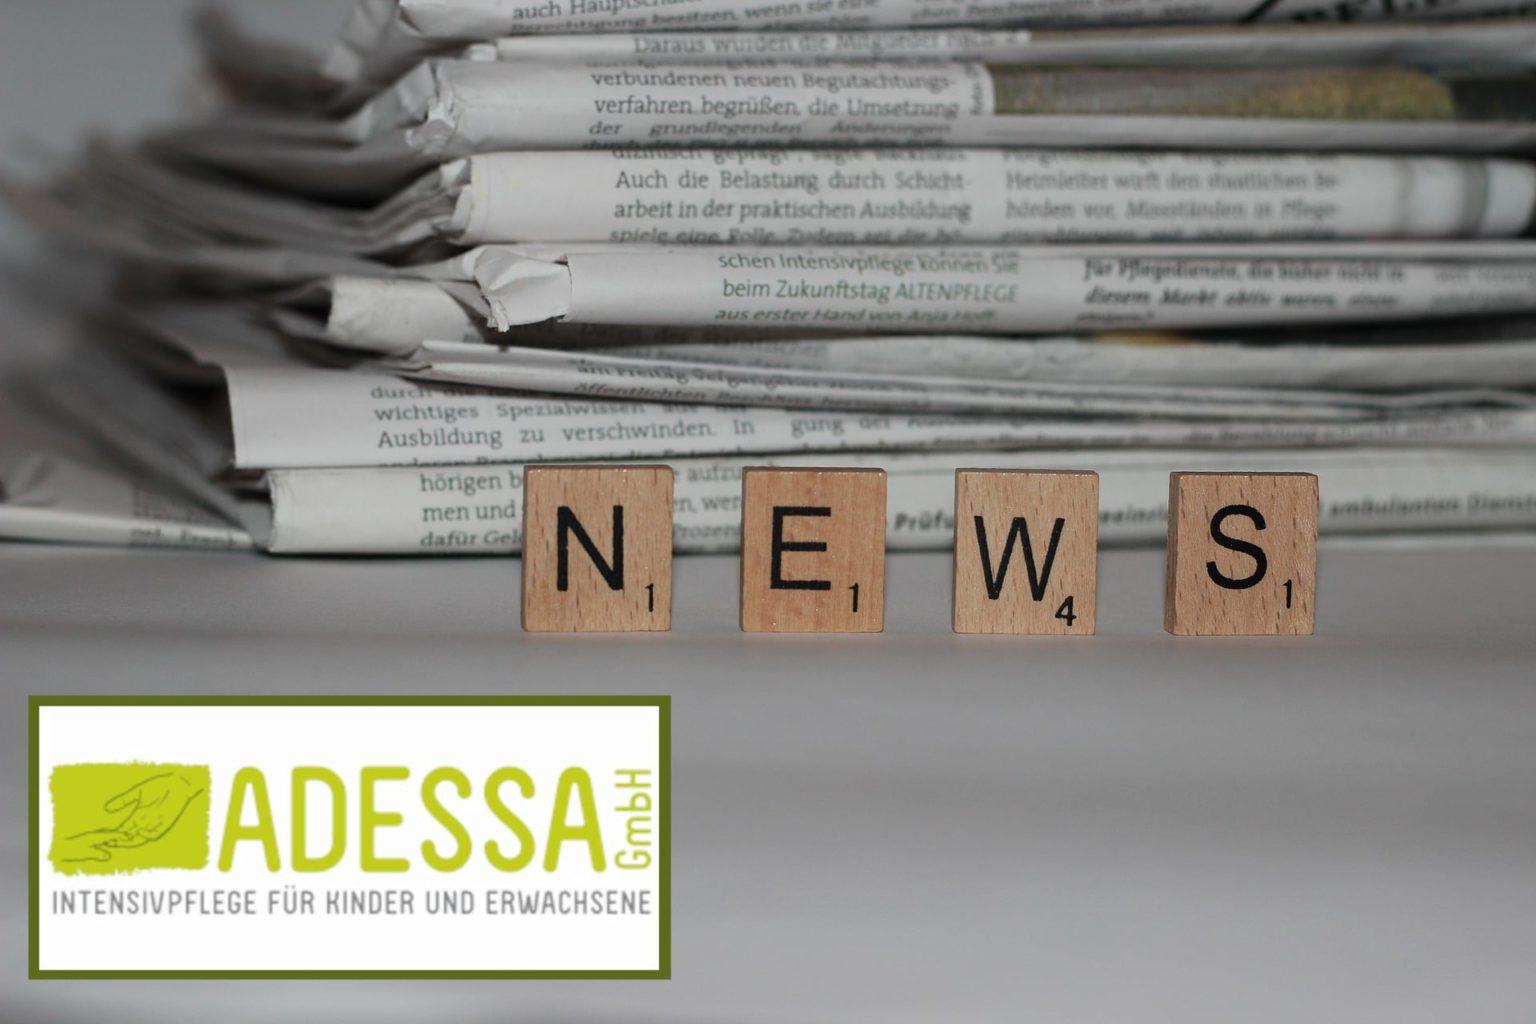 Adessa Intensivpflege in der Zeitung